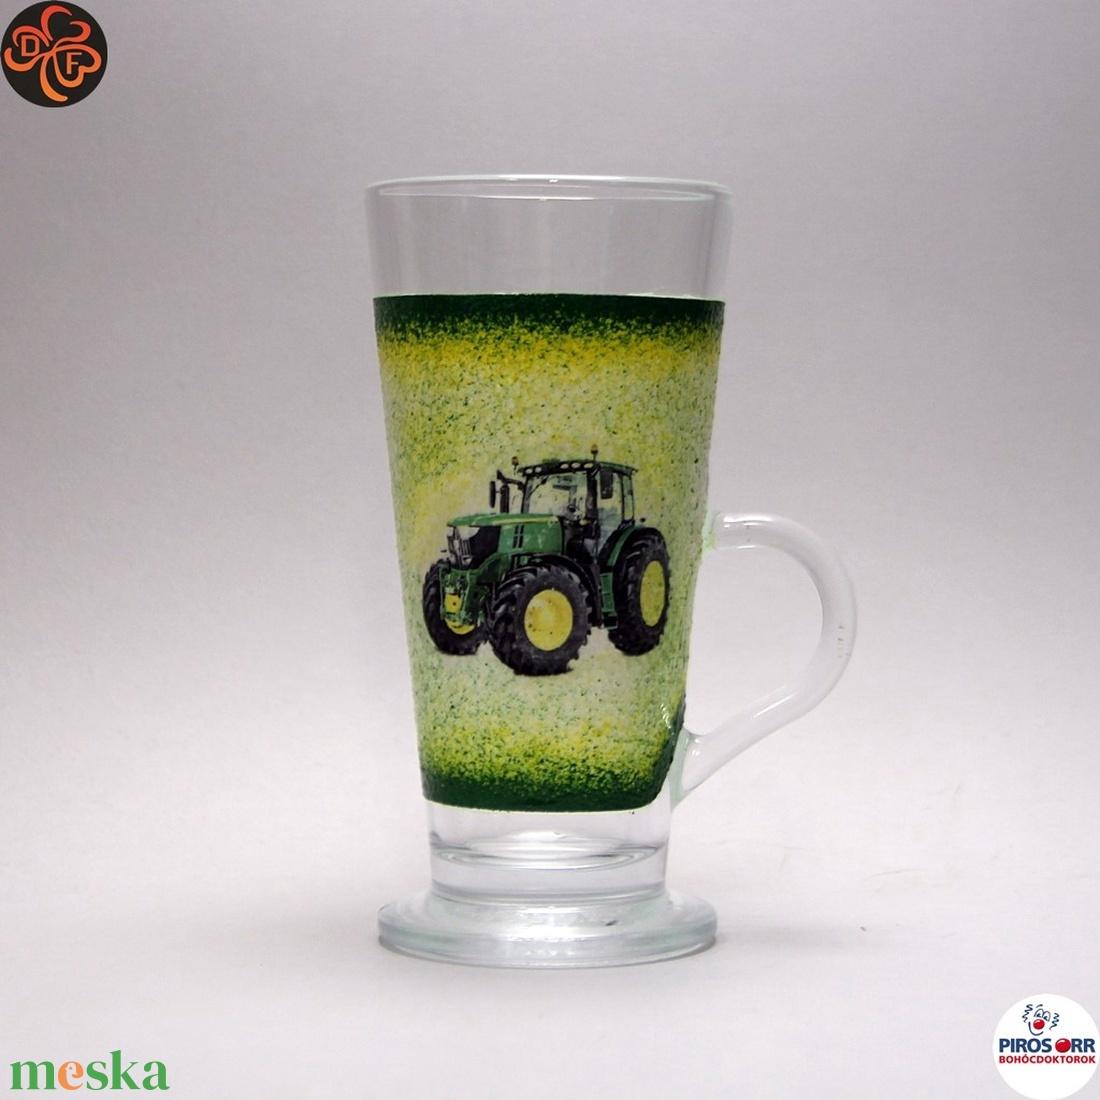 Gazdasszony kávés pohár, kávé imádóknak ; Saját John Deere traktorod fényképével is! - Meska.hu